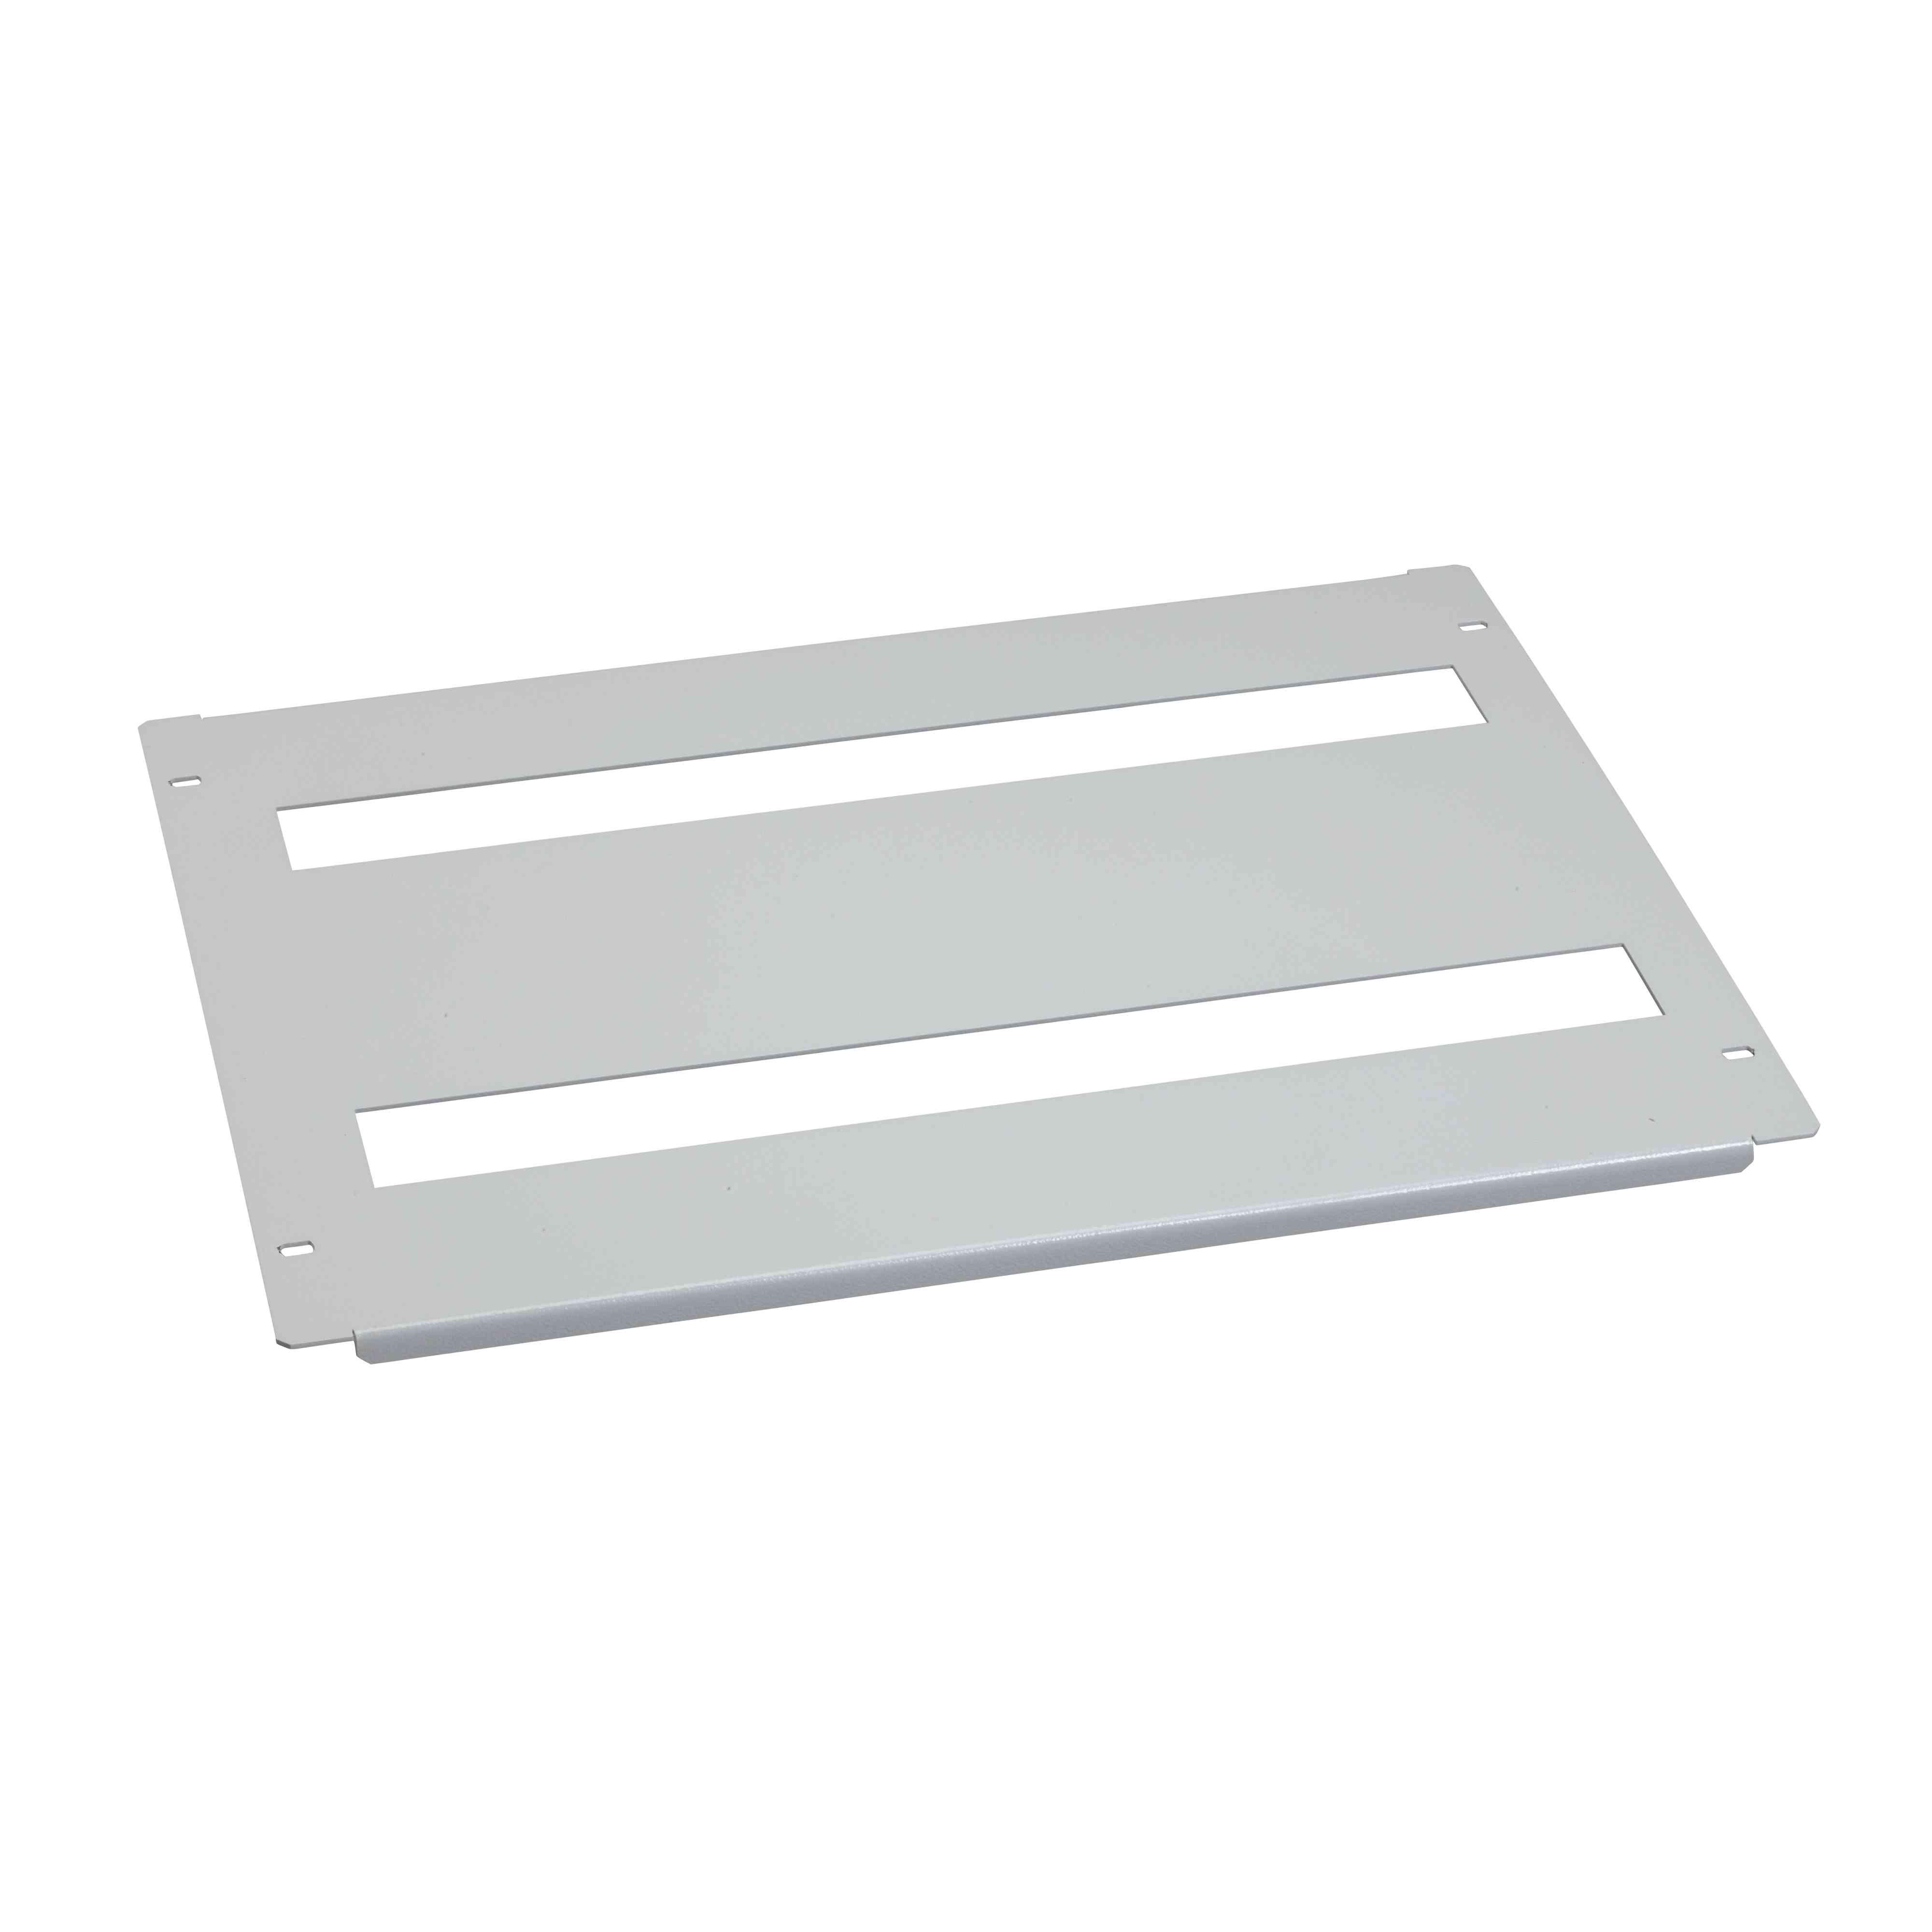 Izrezana pokrivna plošča Spacial SF/SM - 600 x 800 mm - pritrditev z vijaki